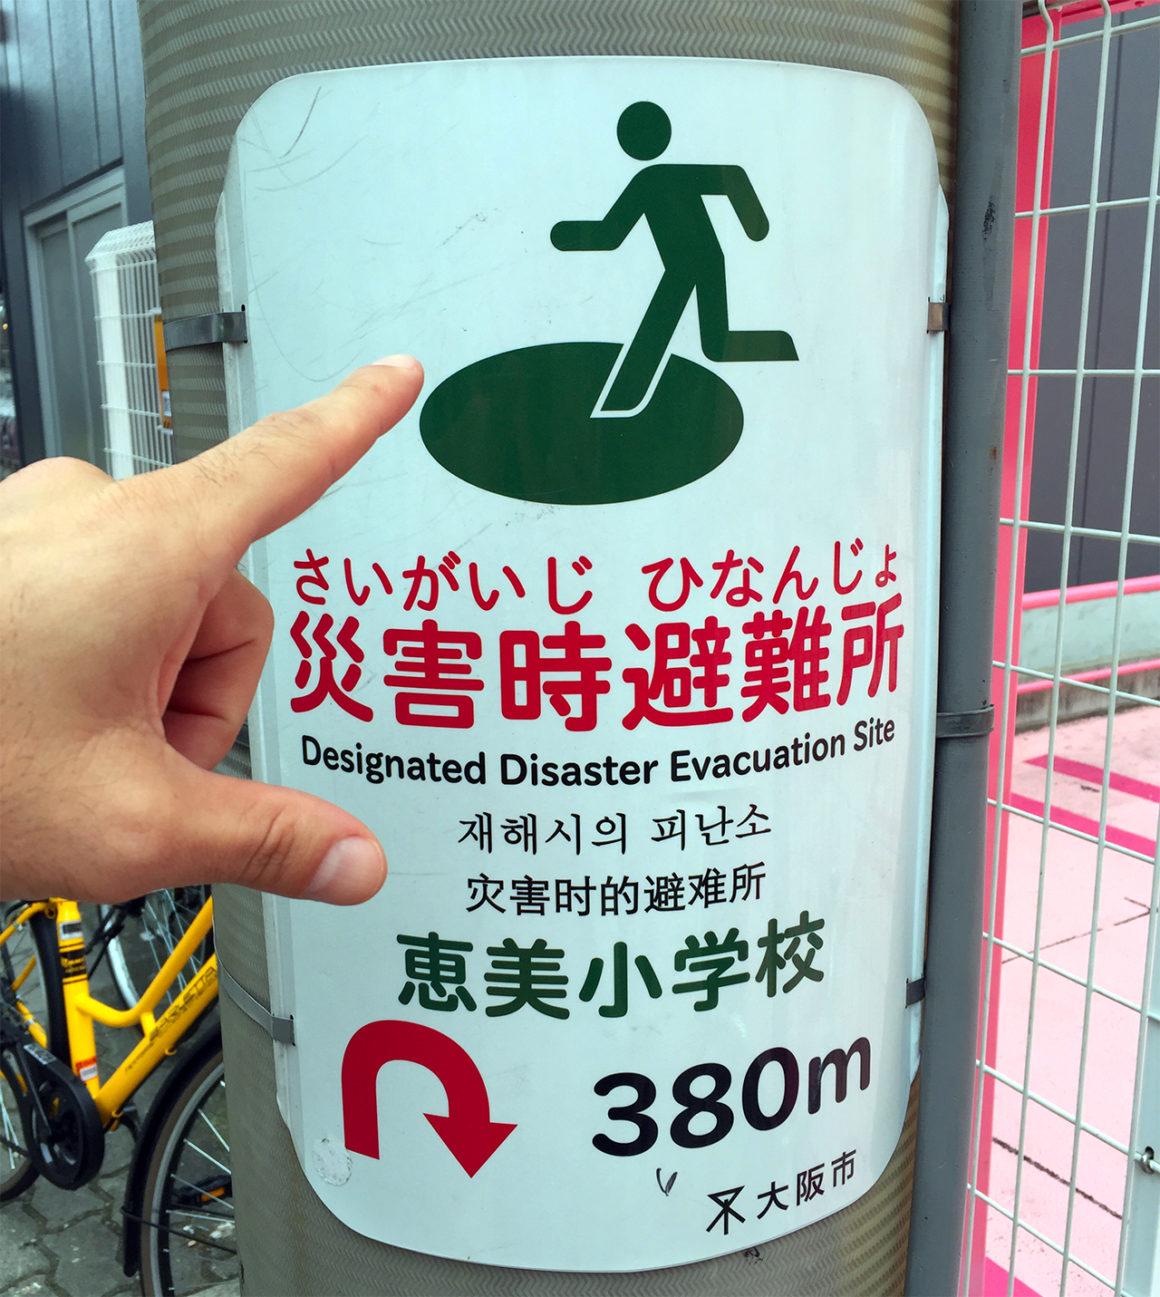 ¿Por qué necesito un seguro de viaje? seguro de viaje - contratar seguro de viaje viajes poliza de vacaciones japon 2 1160x1297 - ¿Por qué necesito un seguro de viaje?